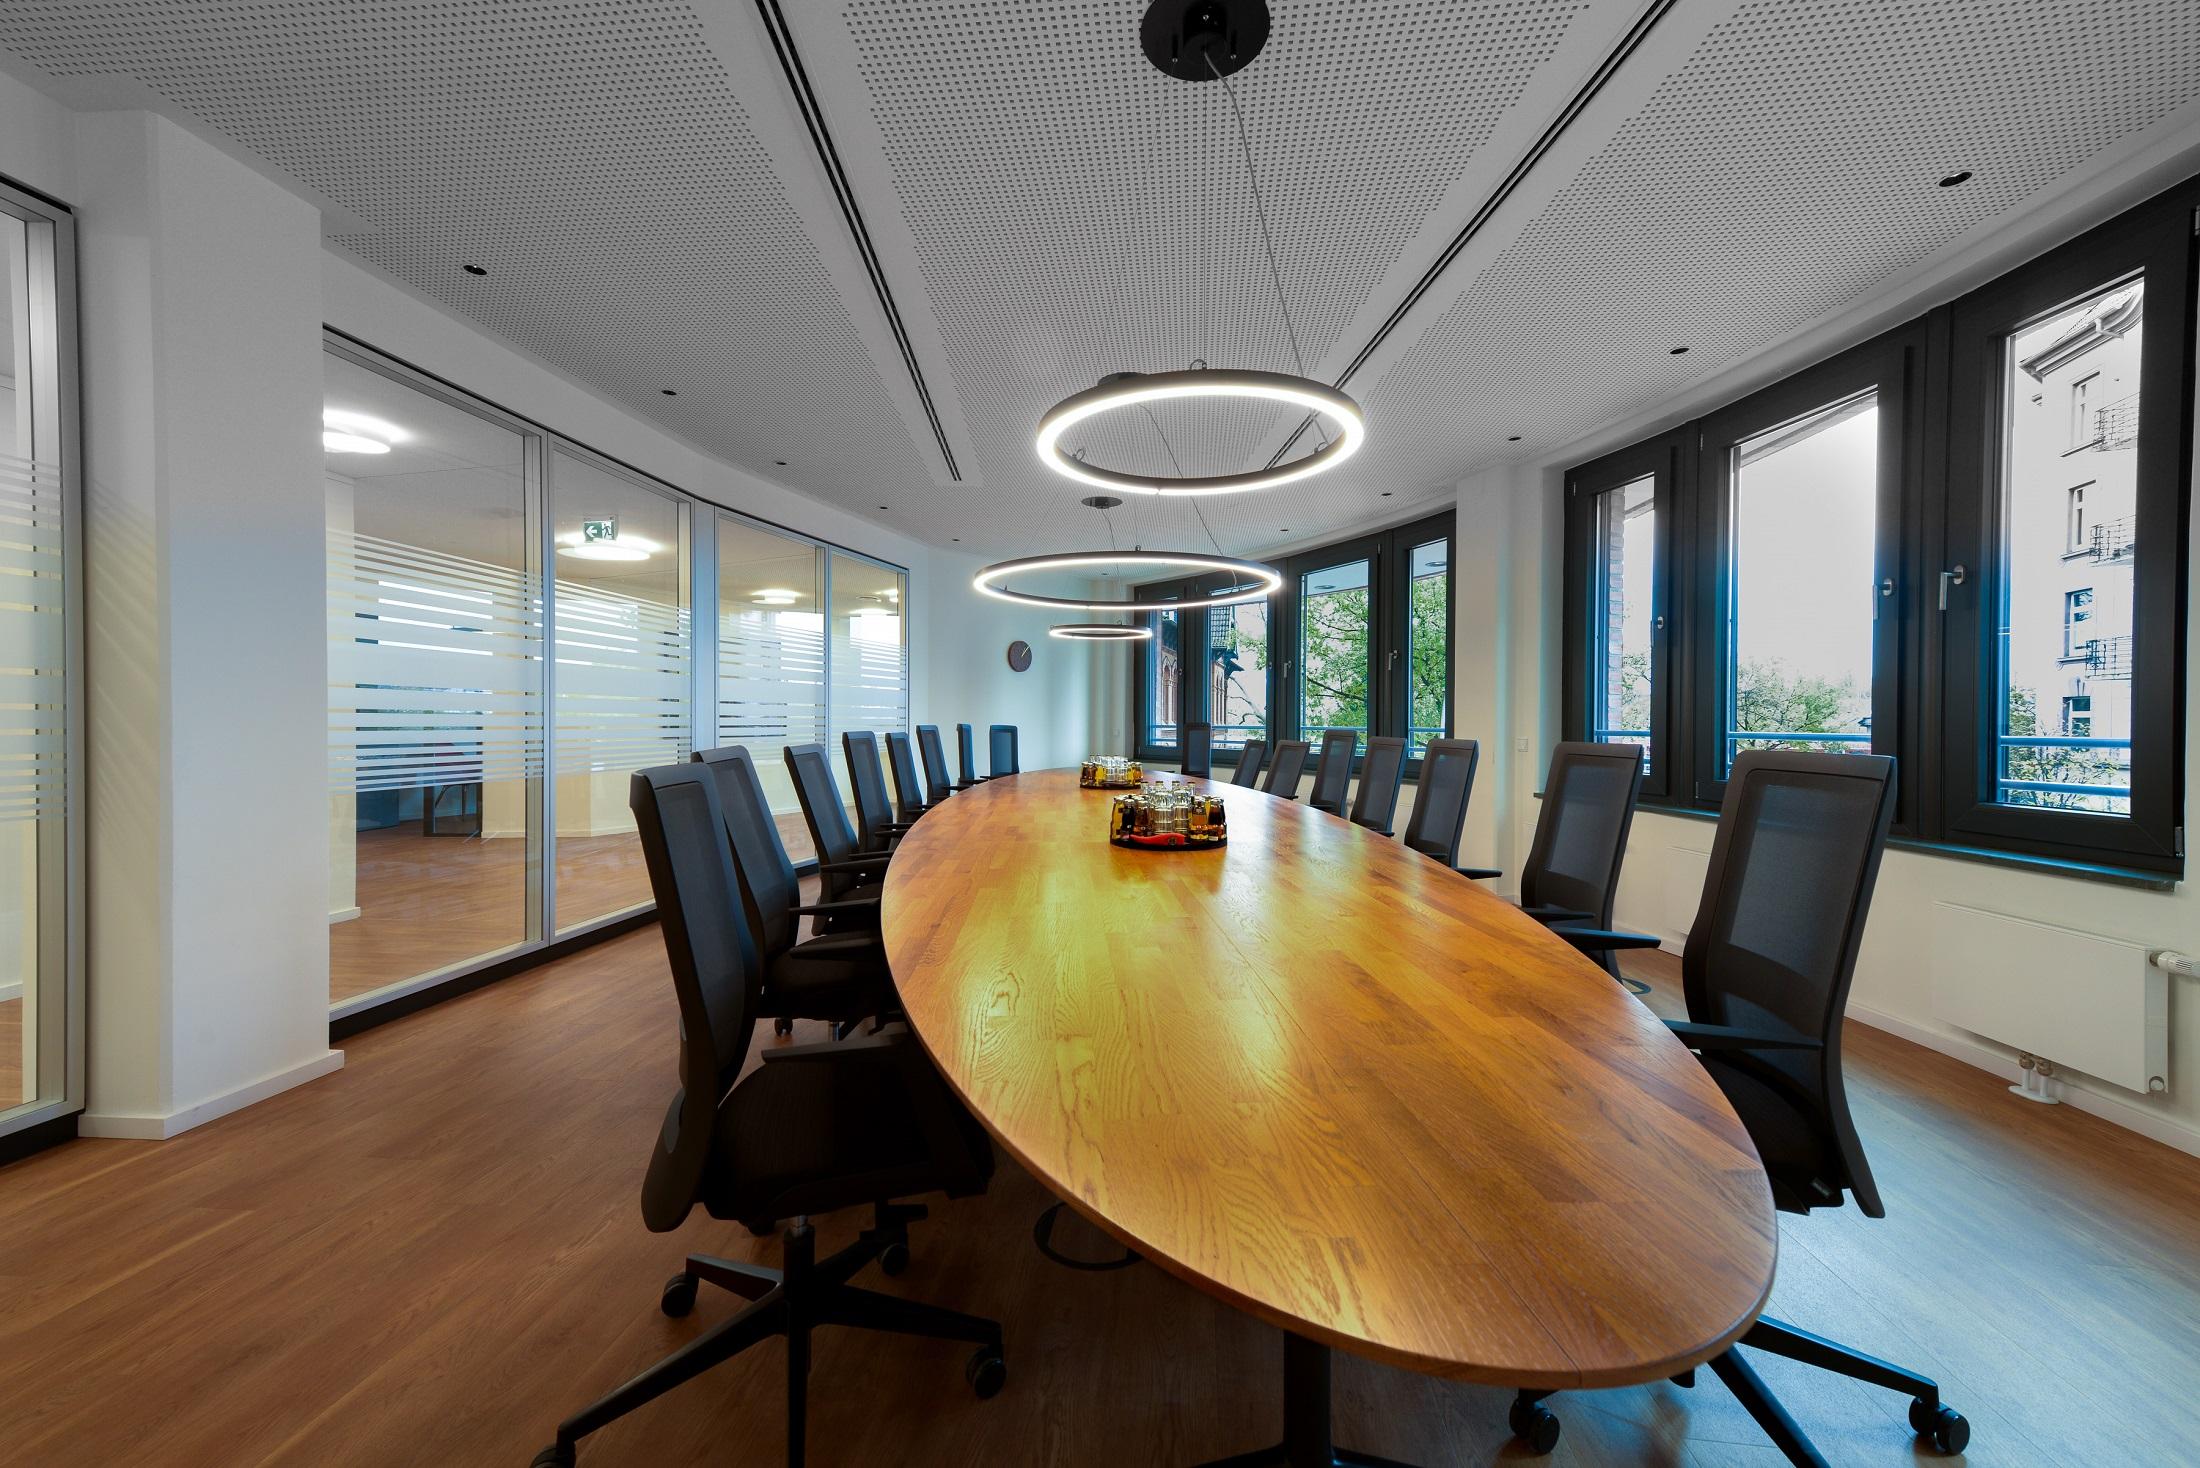 Modernität bei der altoba: Blick in ein Konferenzzimmer